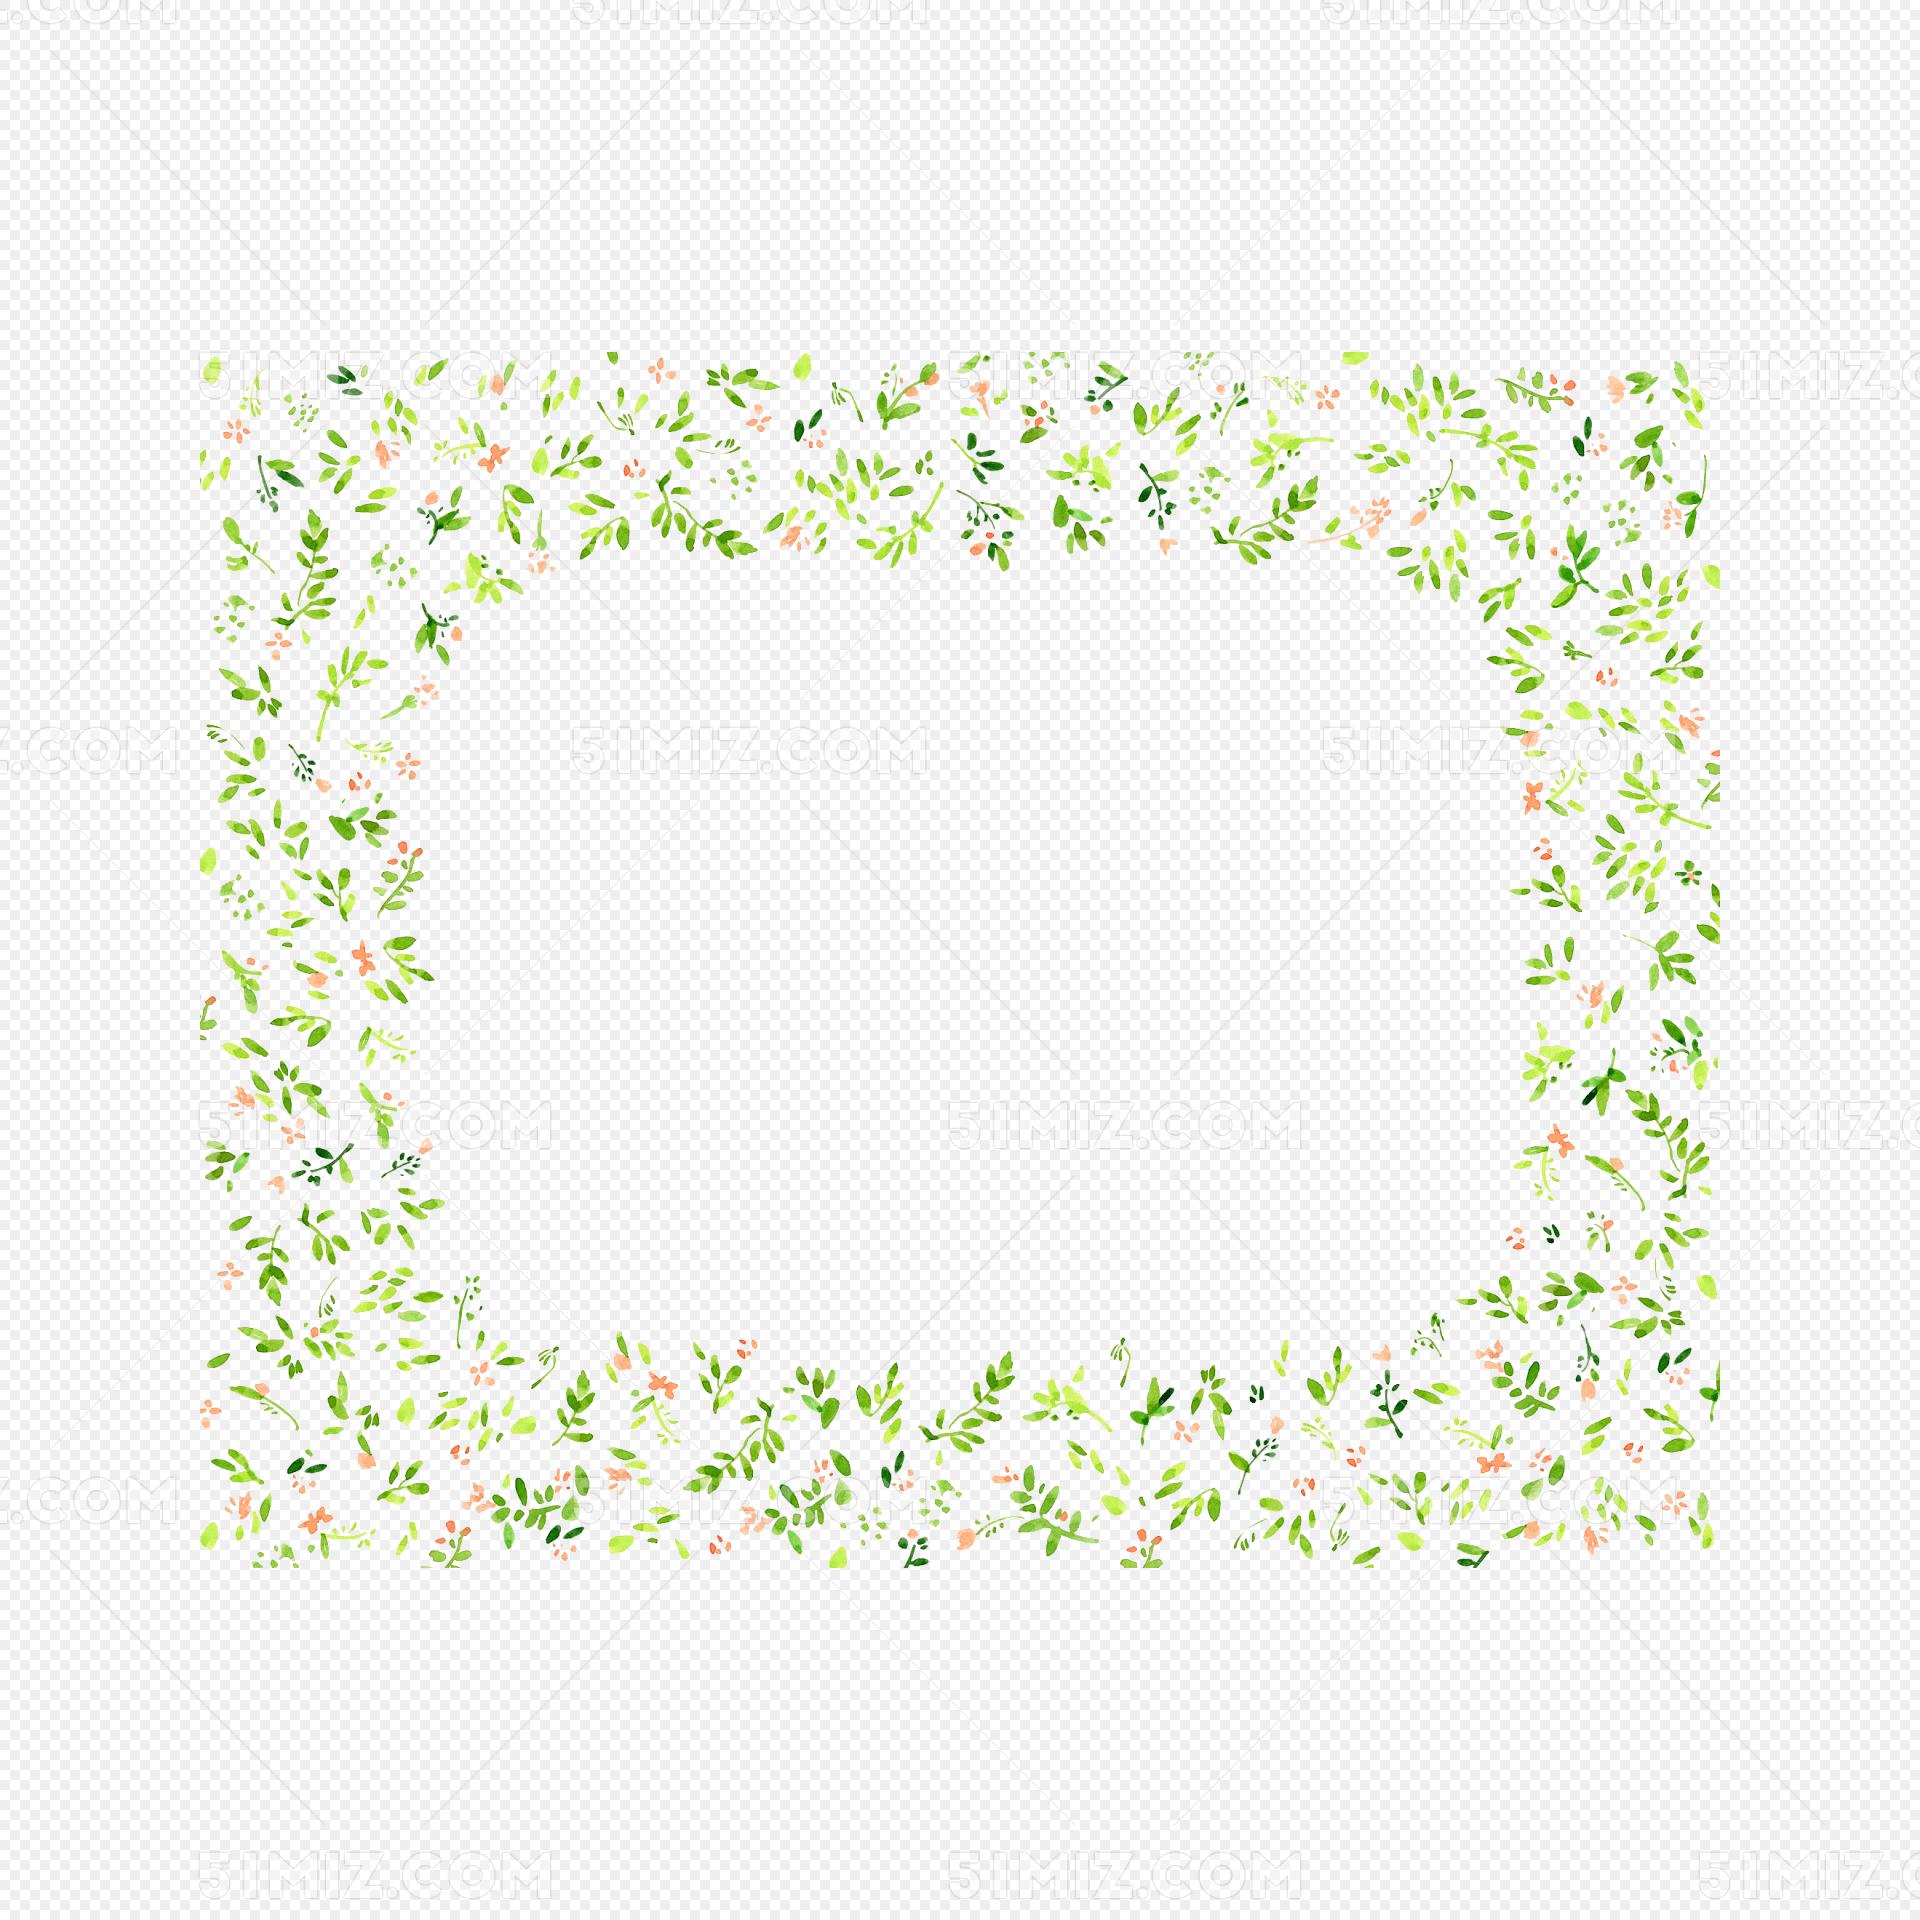 小清新碎花文本框免费下载_png素材_觅知网